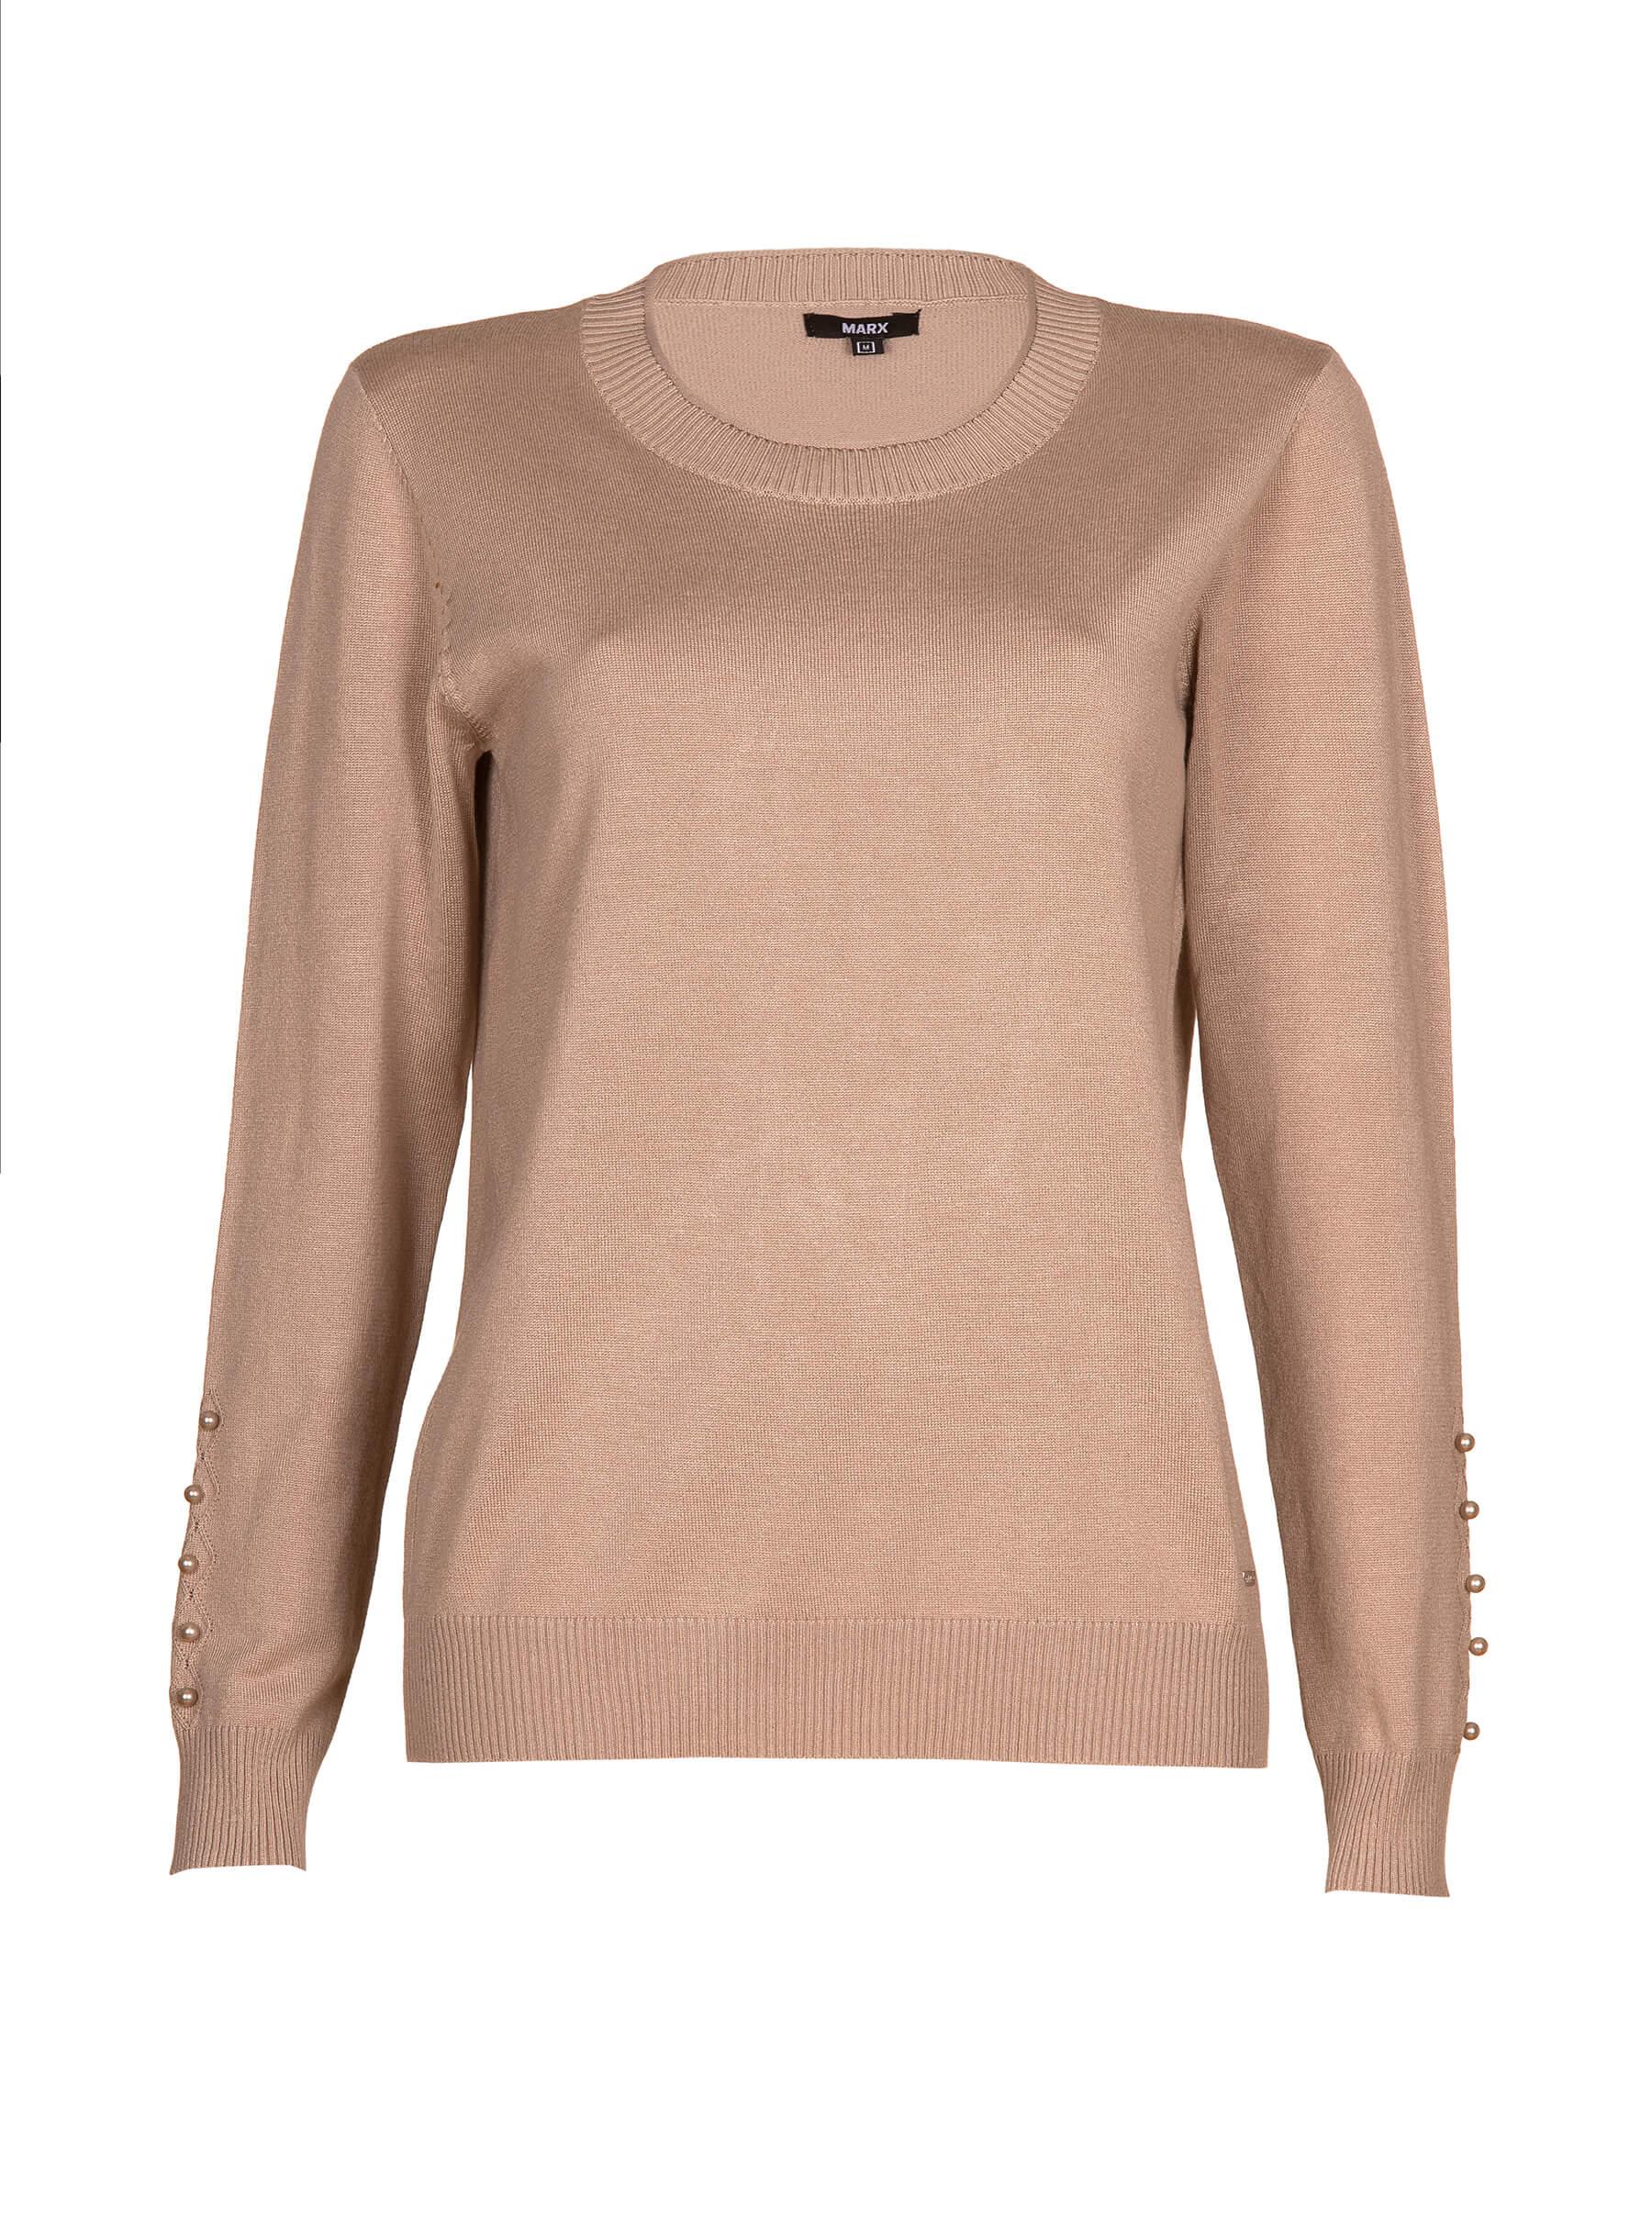 Marx pulover: redovina cijena 239 hrk; -50% popusta